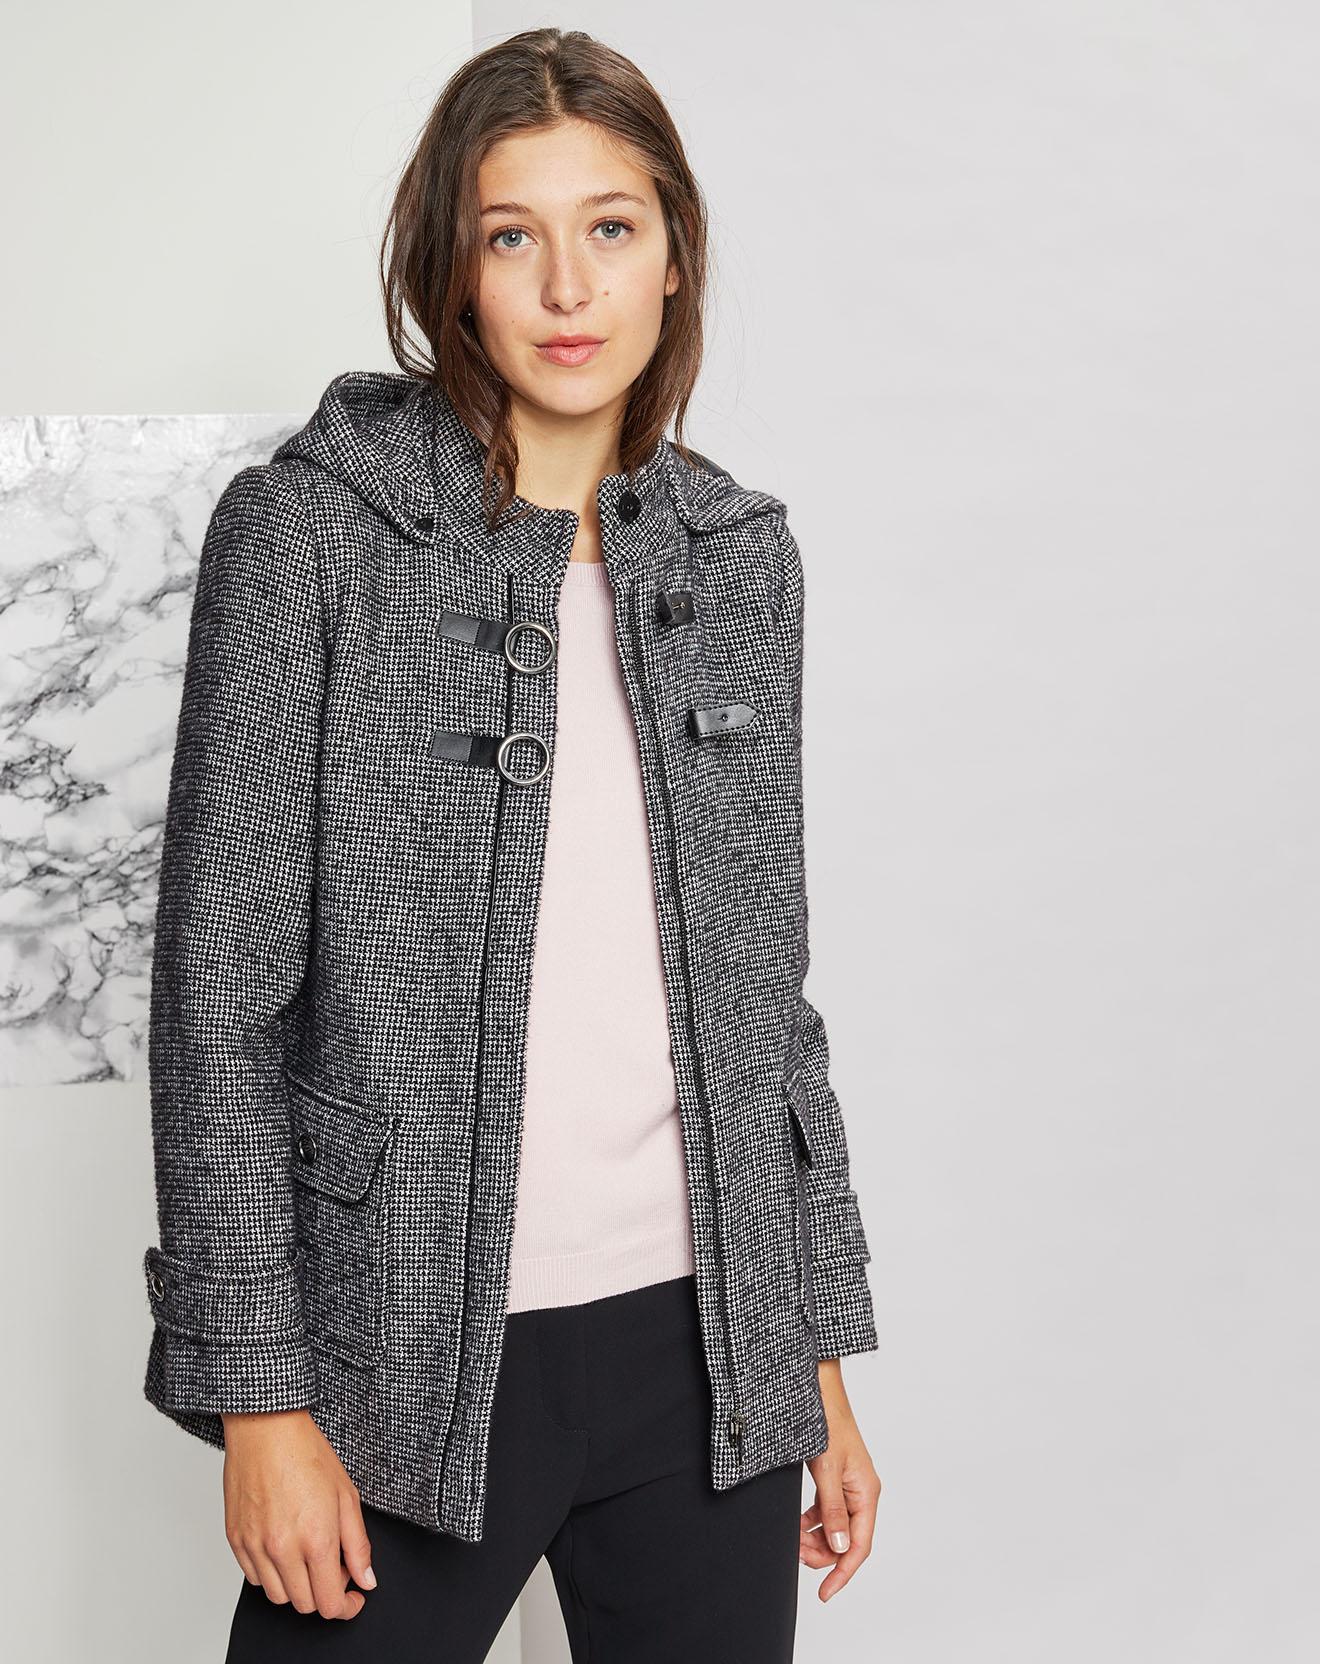 Manteau en Laine mélangée Trevise noir/gris